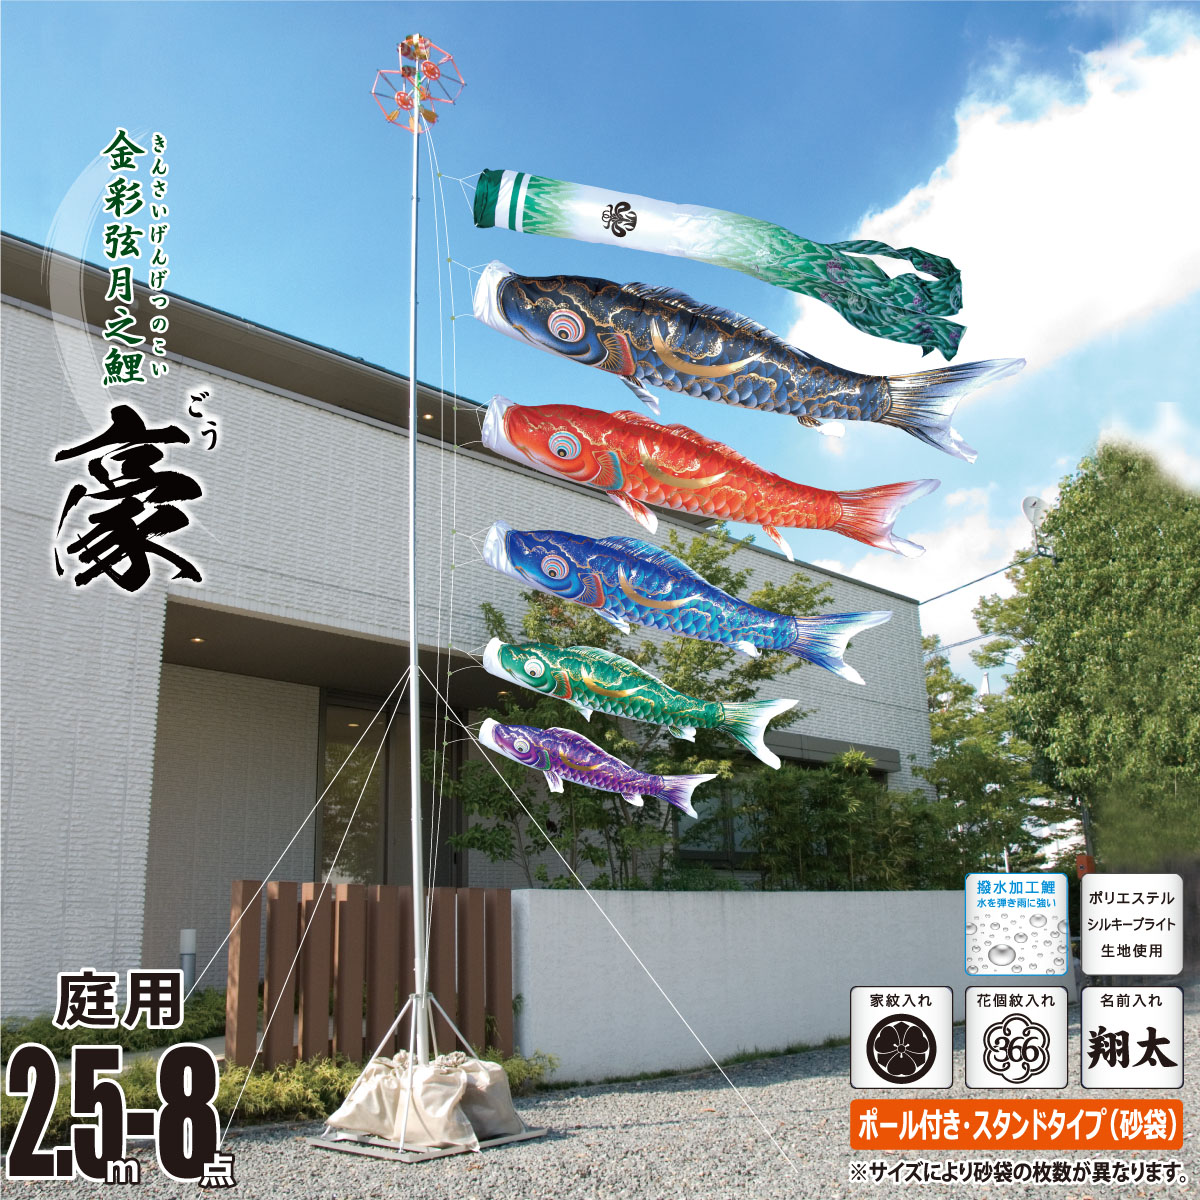 こいのぼり 2.5m 豪(ごう) 8点 (矢車、ロープ、吹流し、鯉5匹) 庭園用 スタンドセット (庭用 スタンド 砂袋4枚入り) 徳永鯉のぼり KIT-116-173